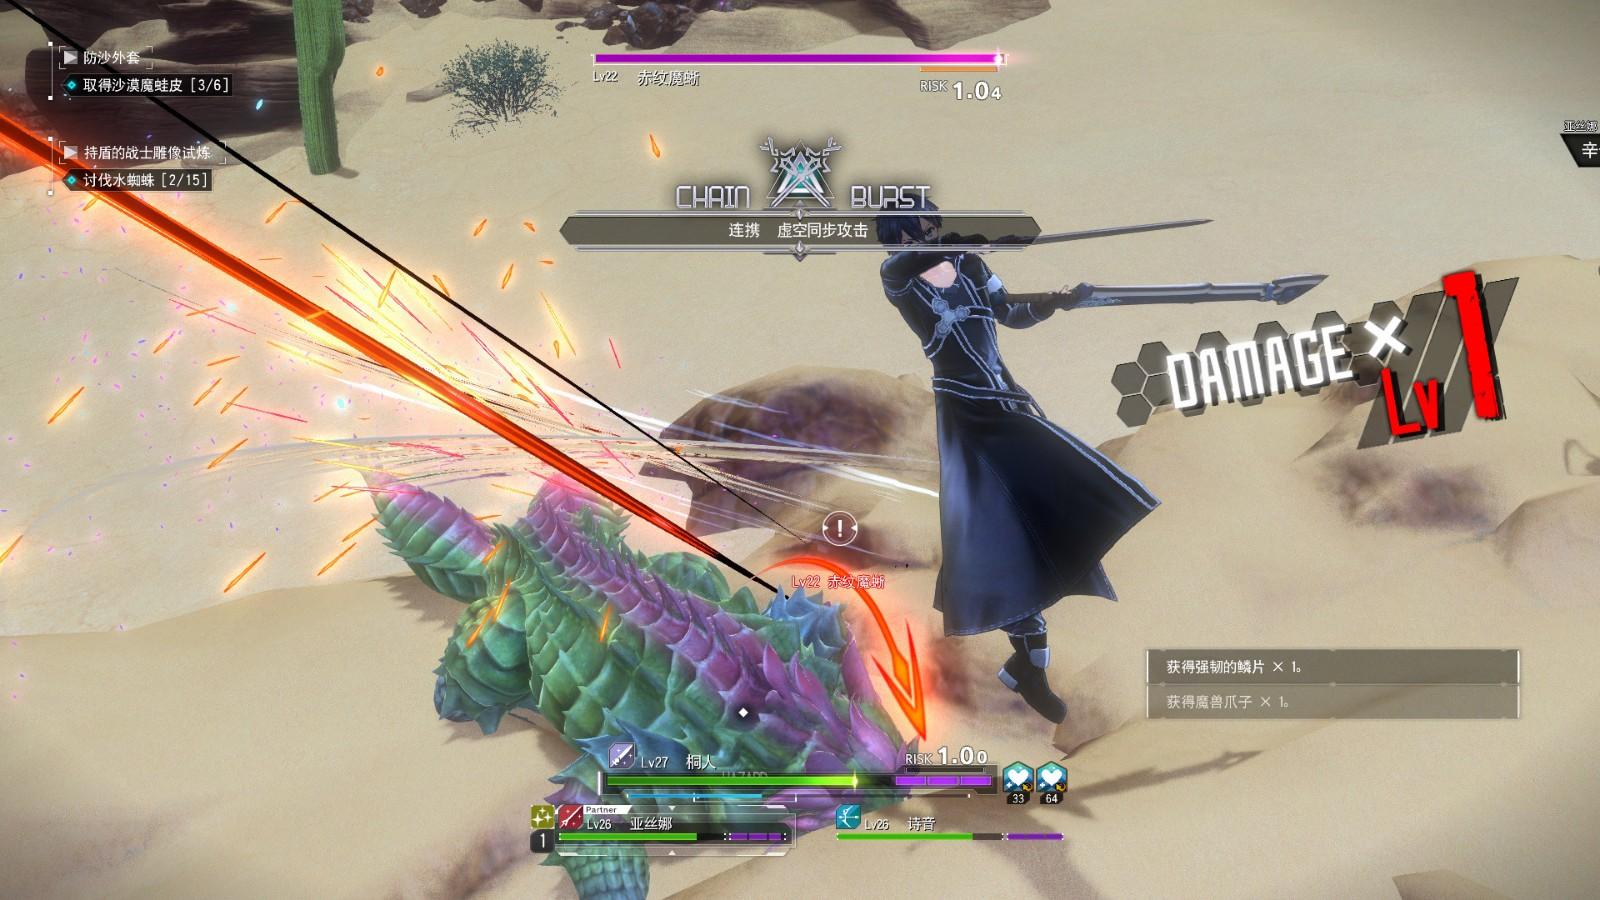 《刀剑神域:彼岸游境》评测:粗糙的优化摧毁游戏体验 (8)